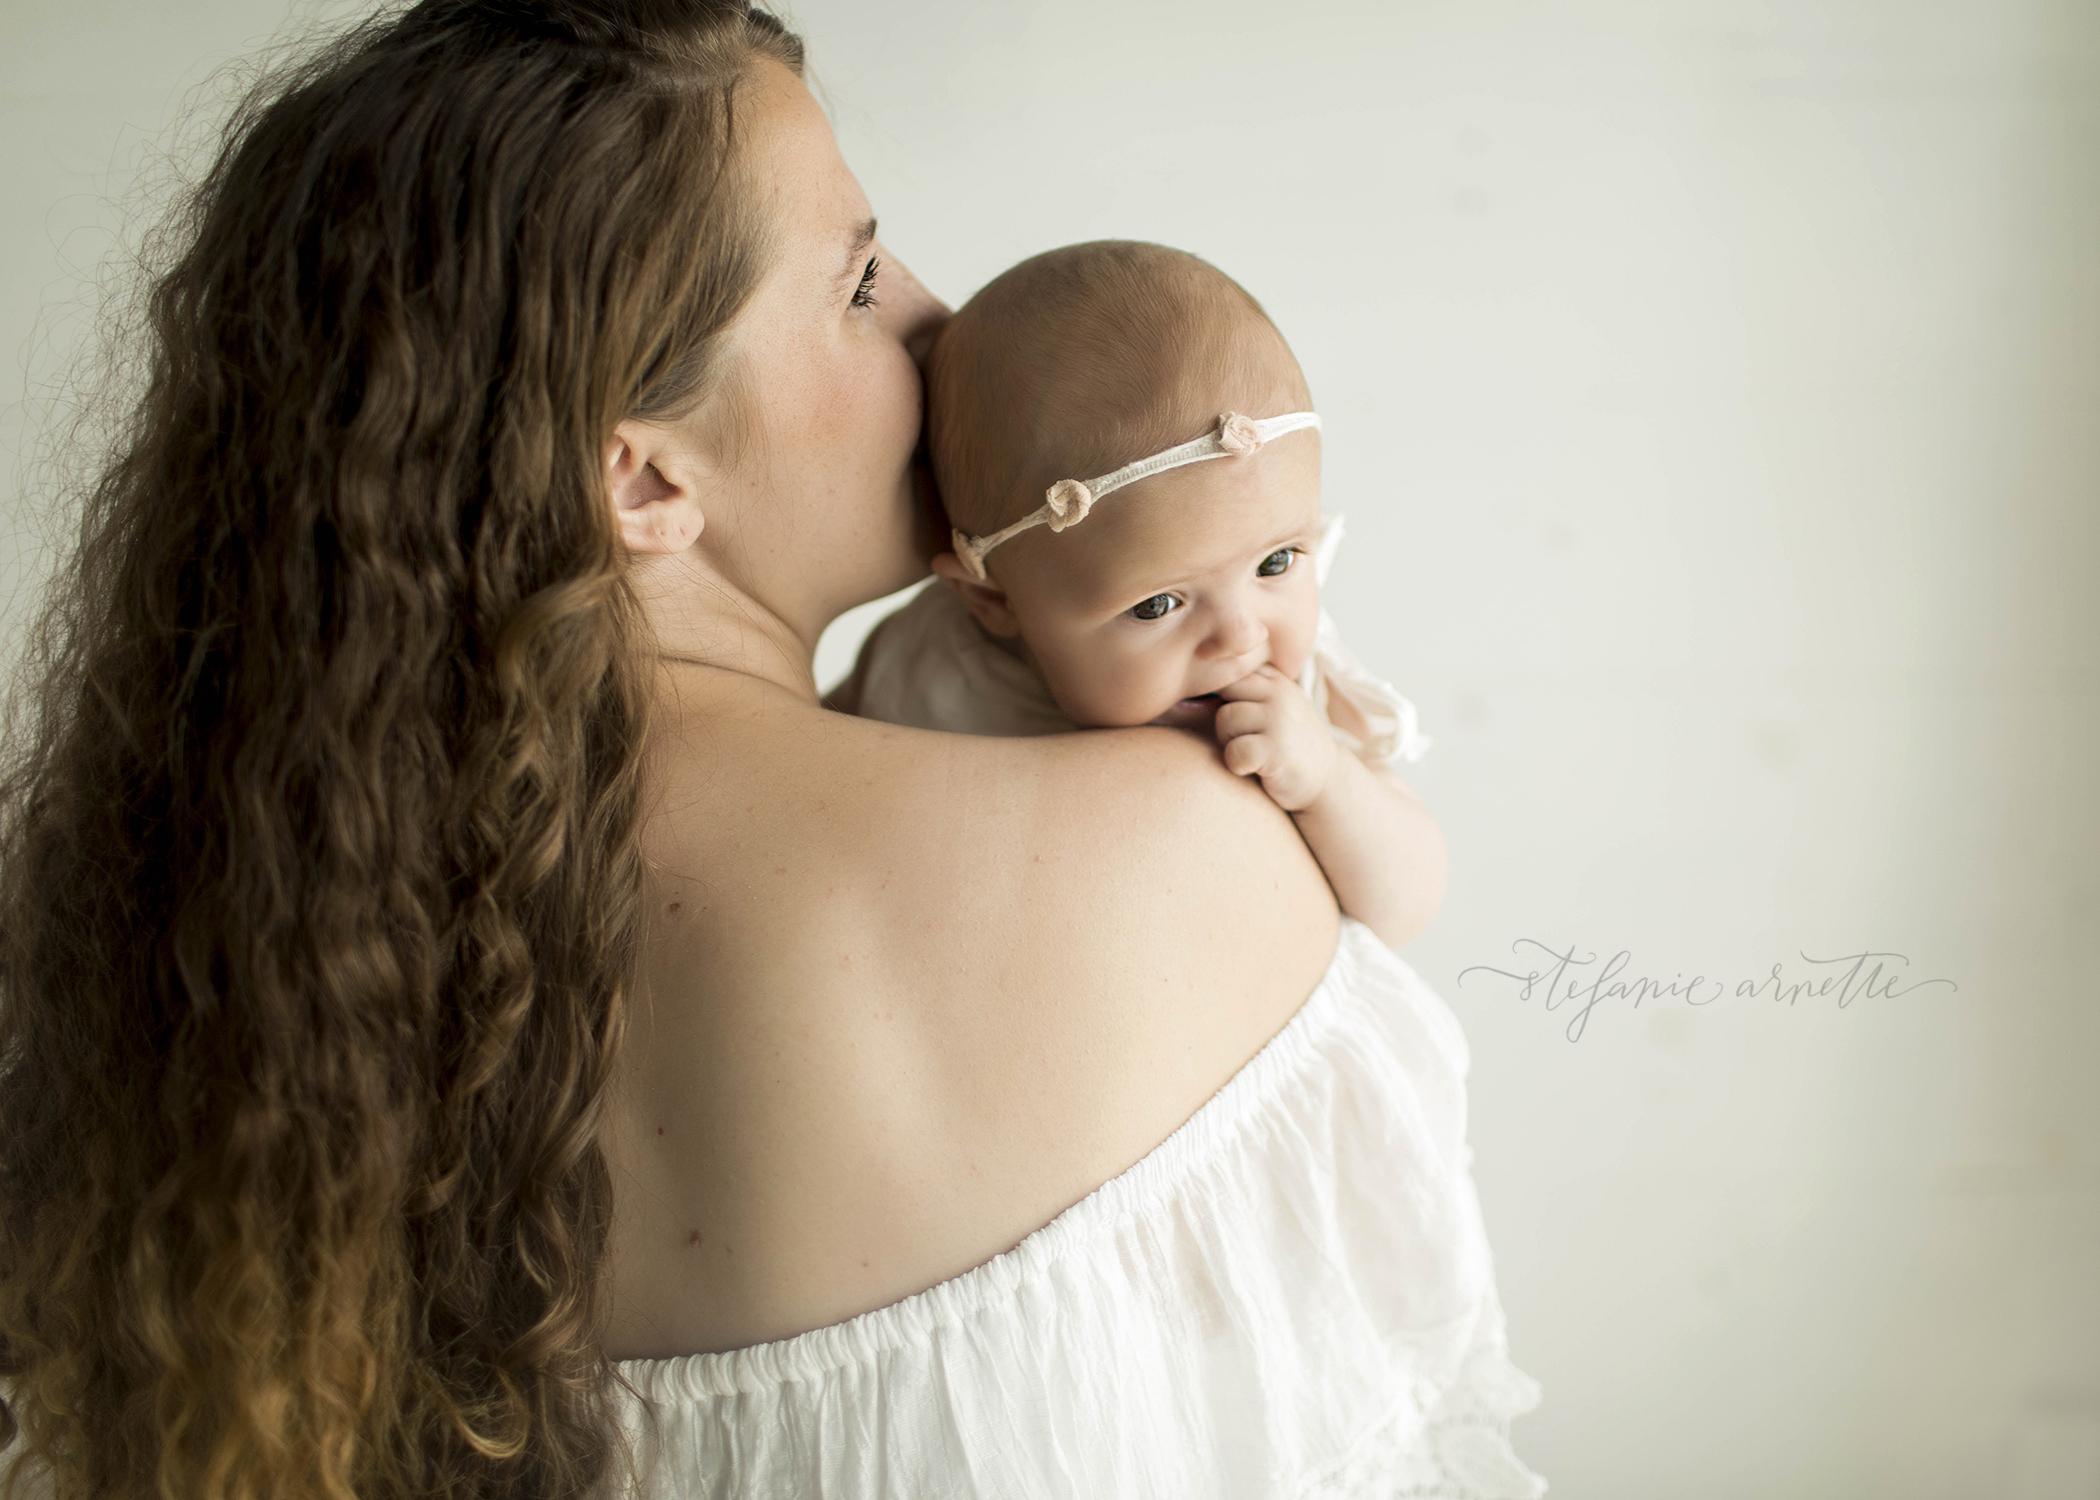 mommy_24.jpg